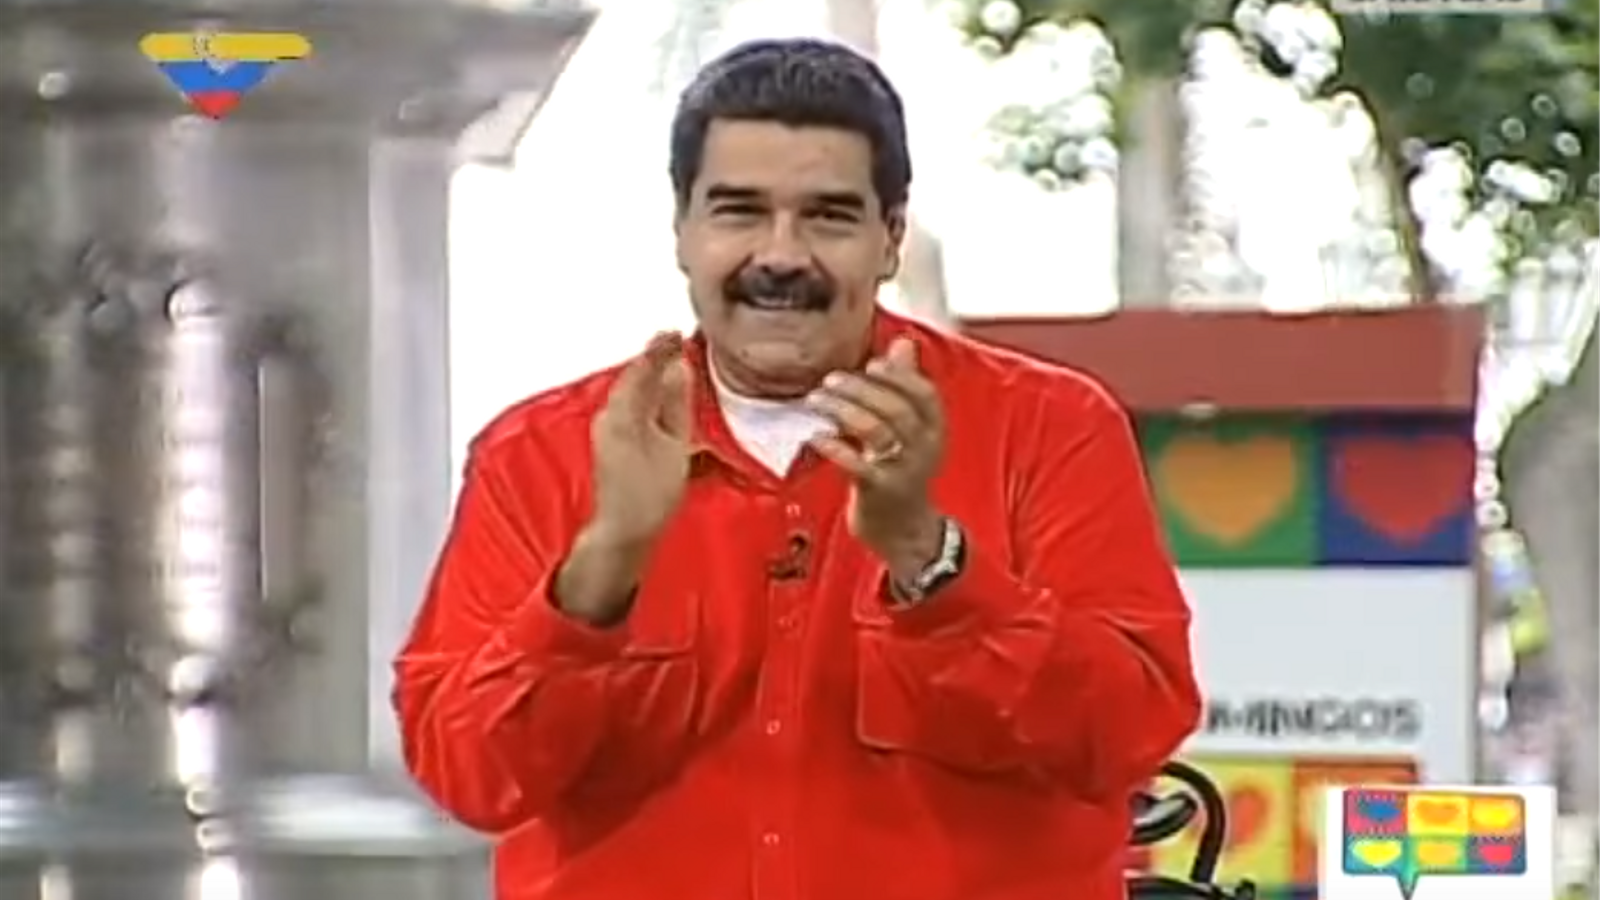 El chavisme versiona 'Despacito' per promocionar la Constituent